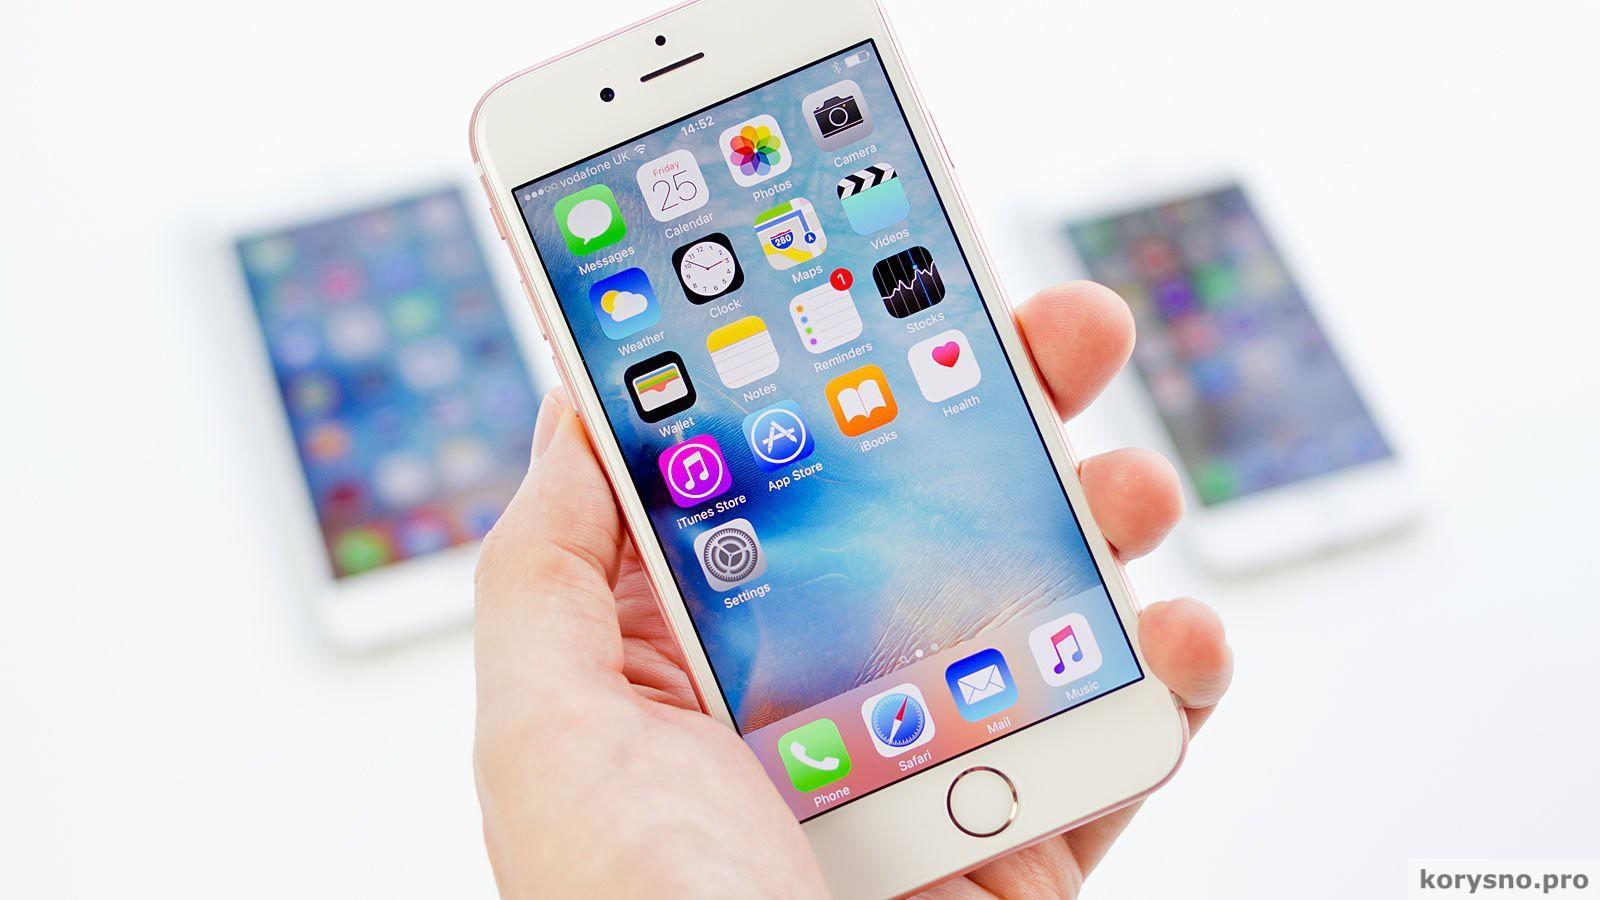 Простой способ освободить место на вашем iPhone, если нельзя удалять фотографии, музыку или приложения